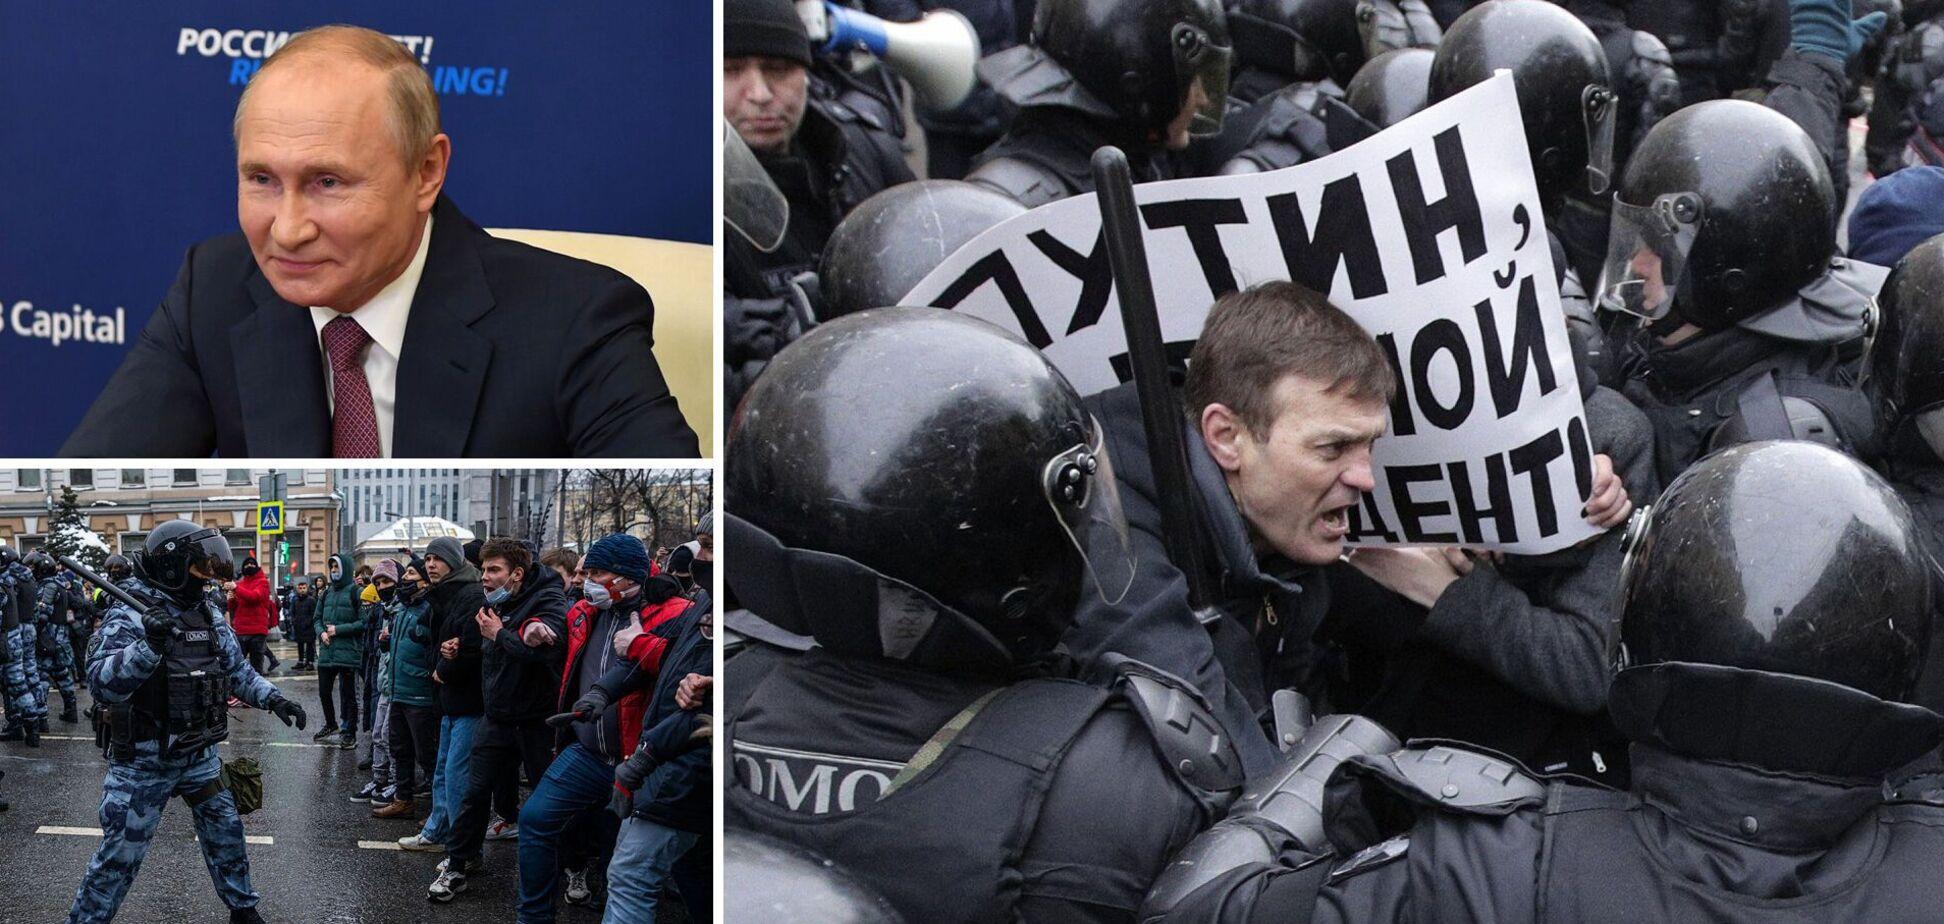 Яковенко: Путин призывает народ к насилию, у России нет будущего. Интервью